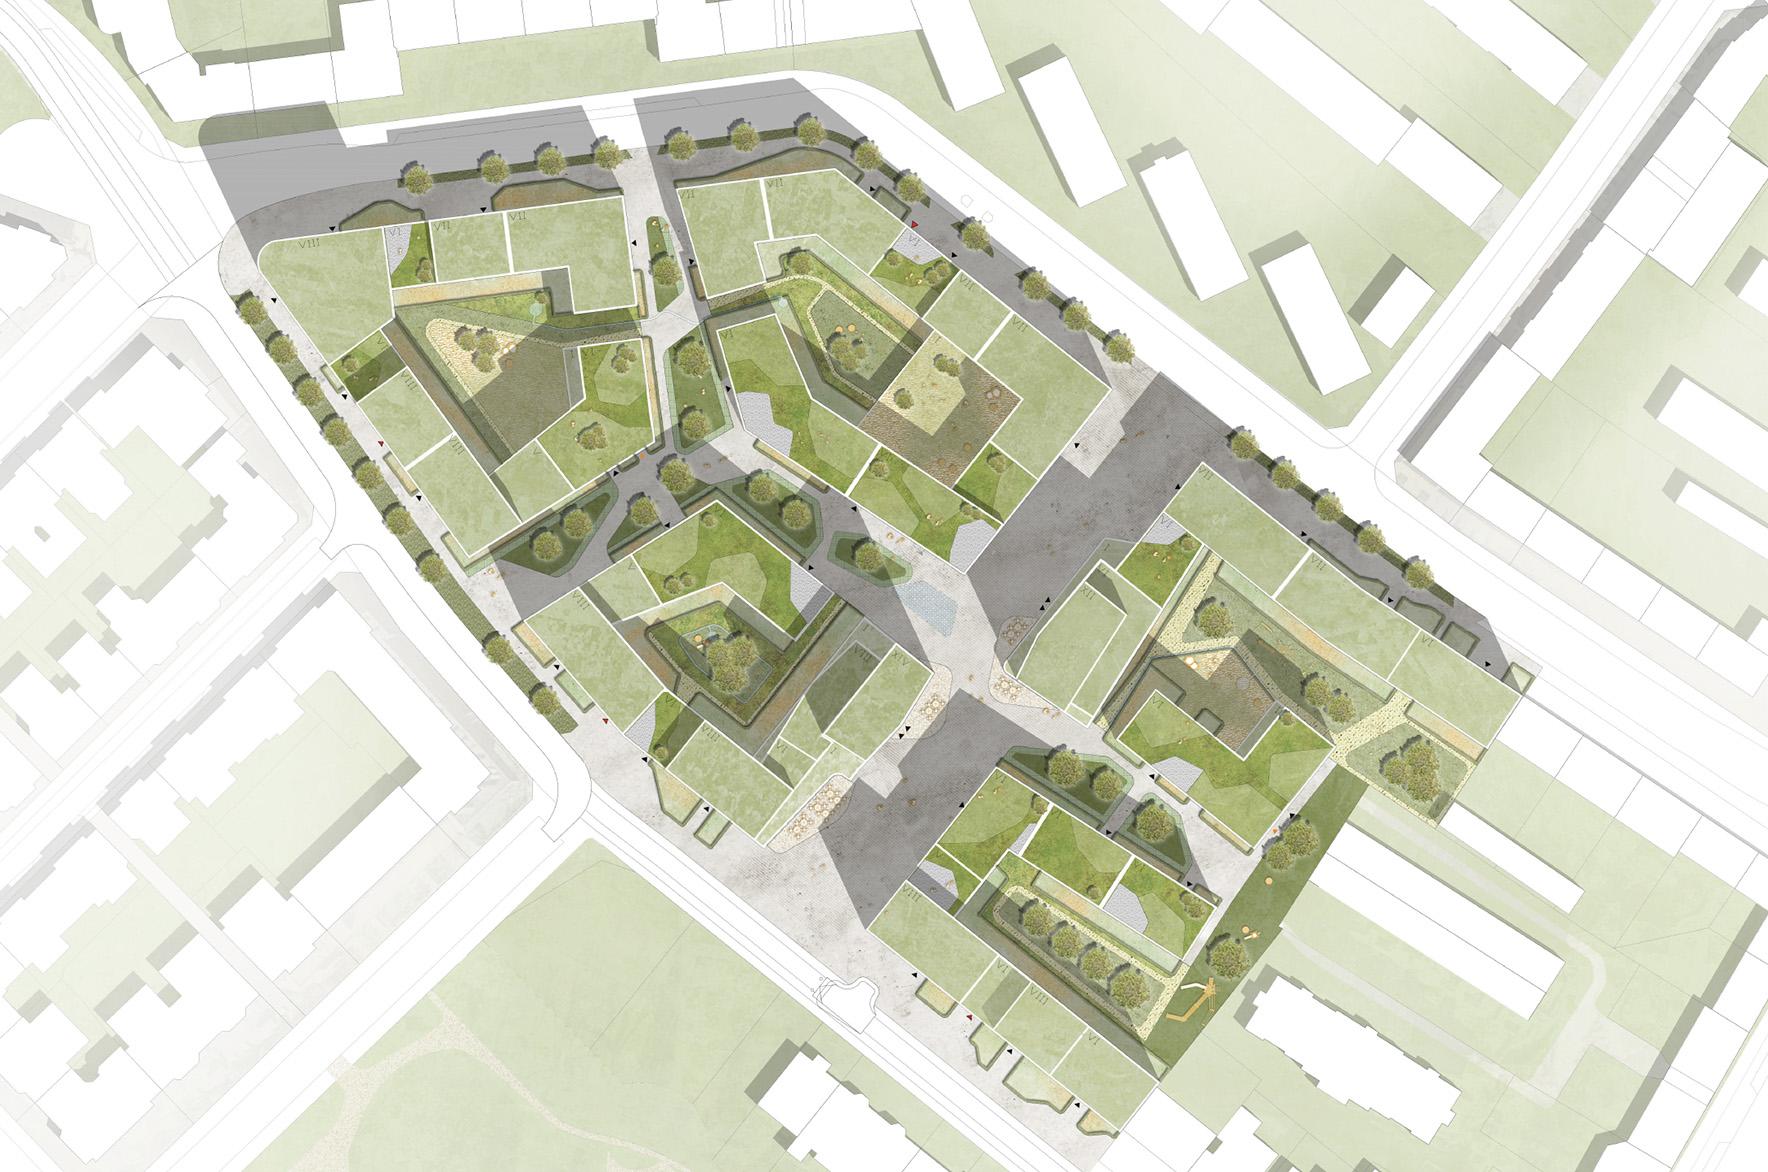 Städtebauliche Struktur